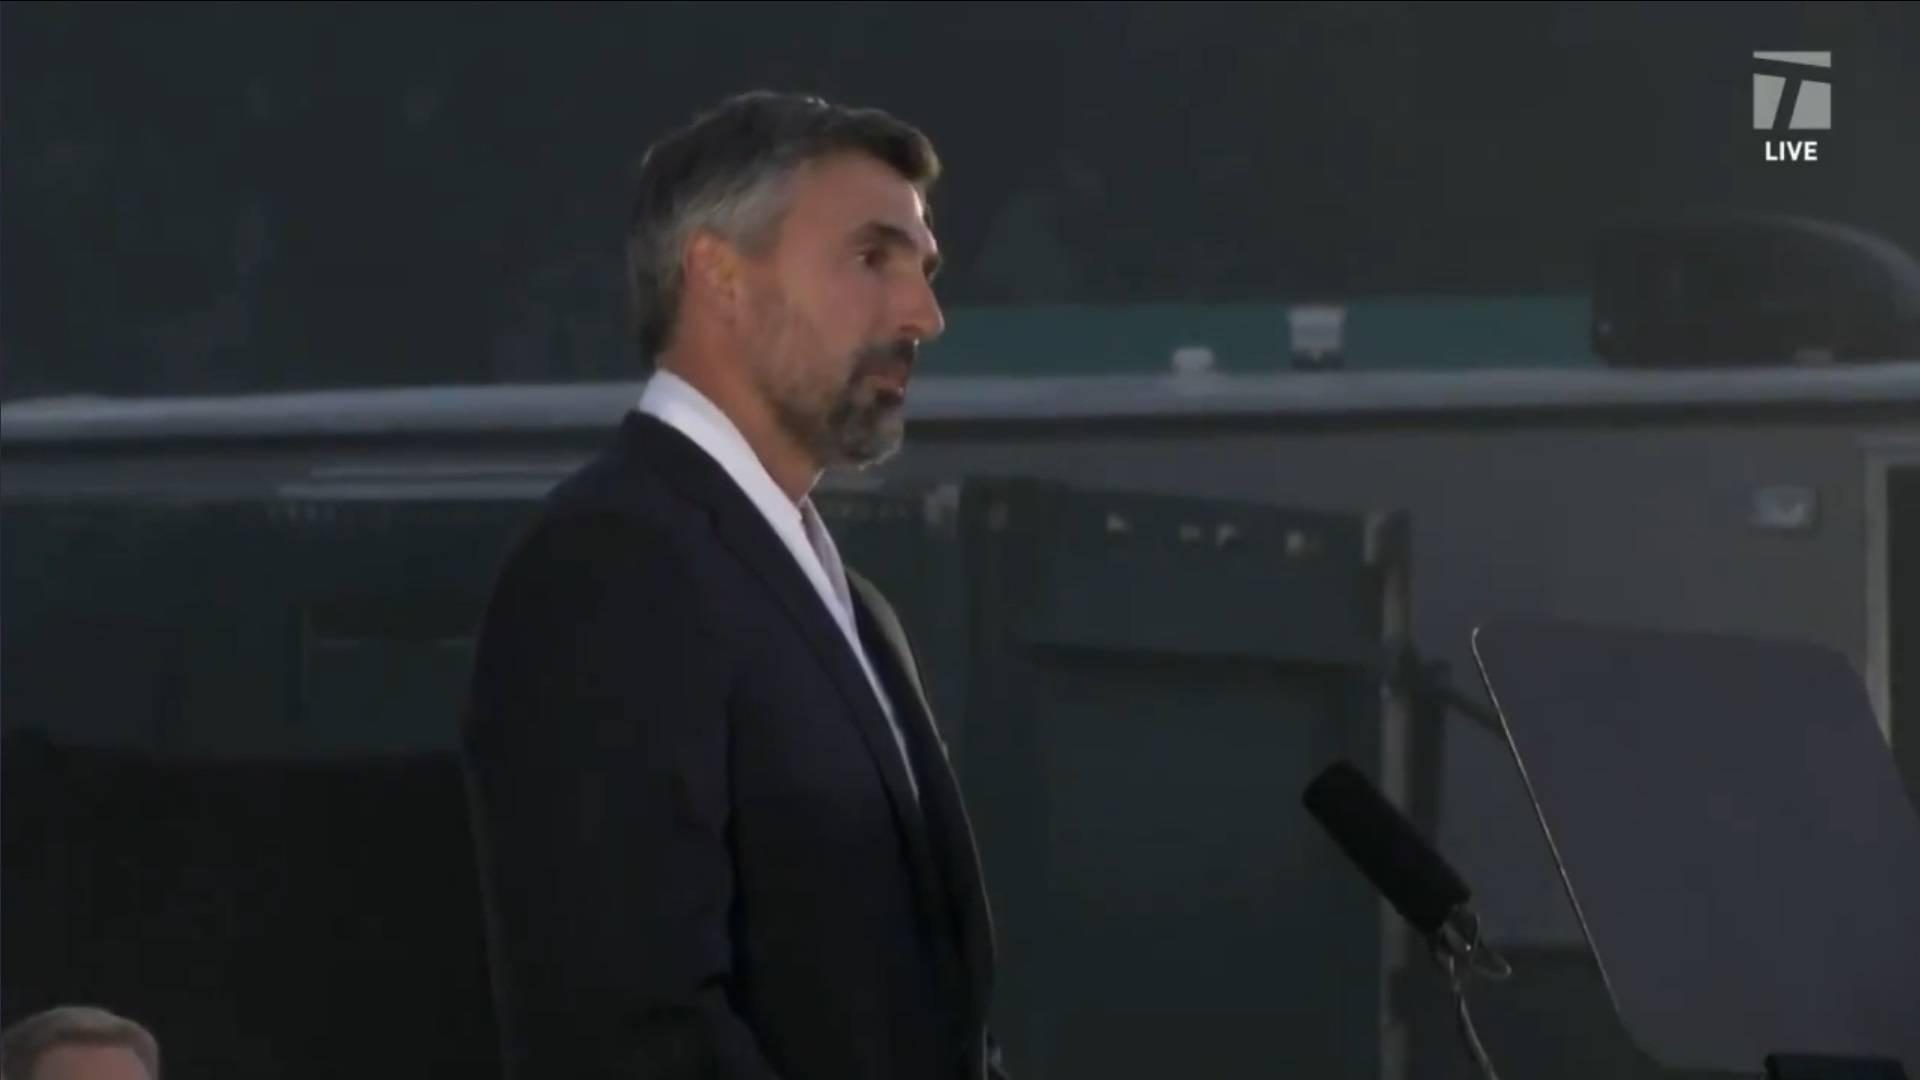 Goran primljen u Kuću slavnih! 'Hvala njemu koji sve ovo gleda odozgo. Jednom gradu i zemlji'